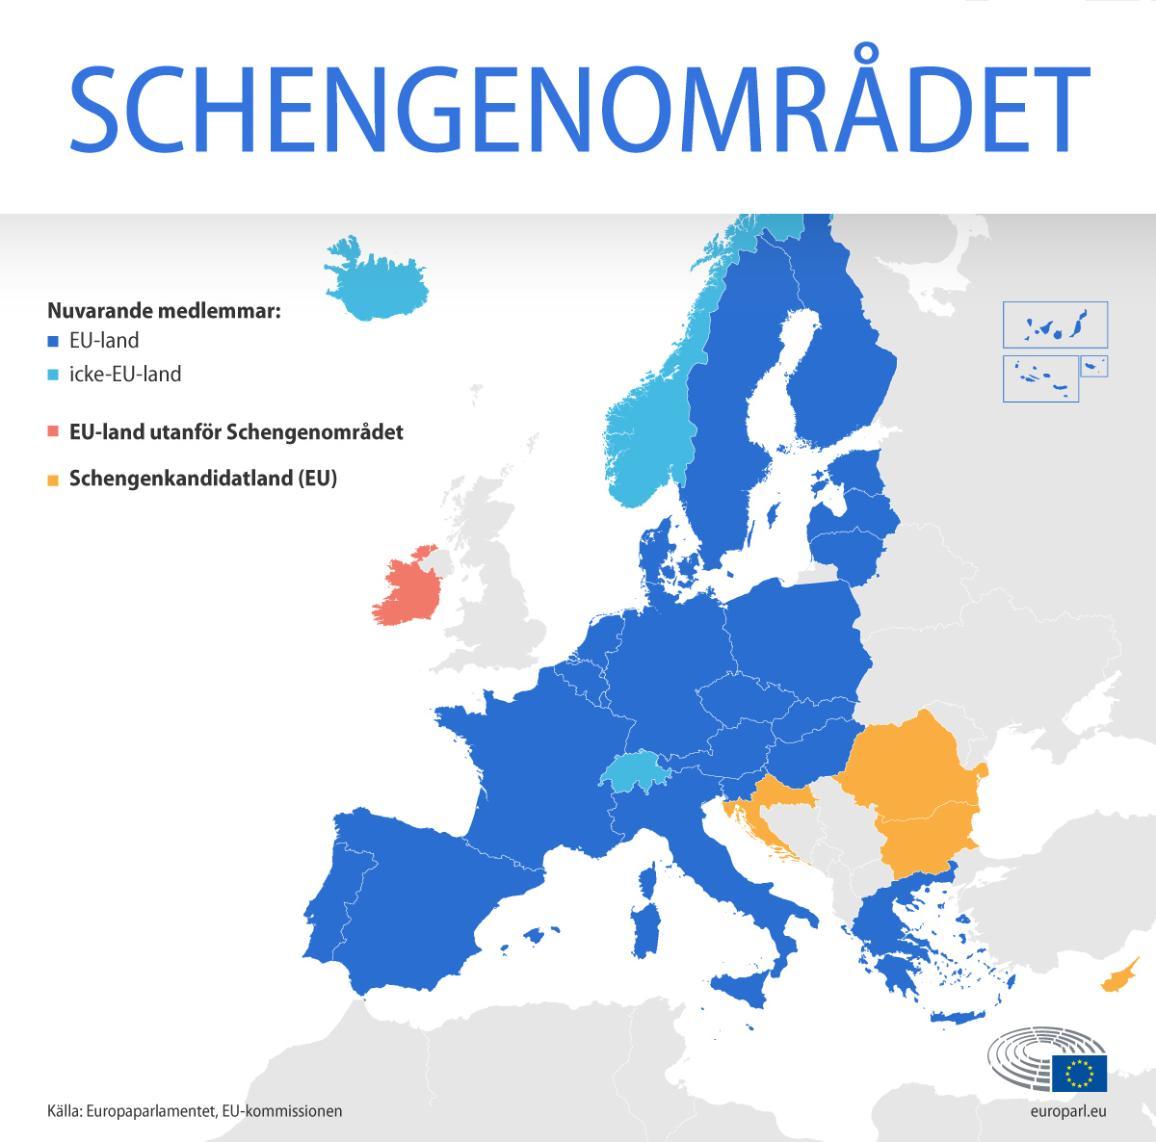 Schengenzonskarta som visar nuvarande EU- och icke-EU-medlemmar, kandidatländer och EU-länder utanför Schengenområdet.